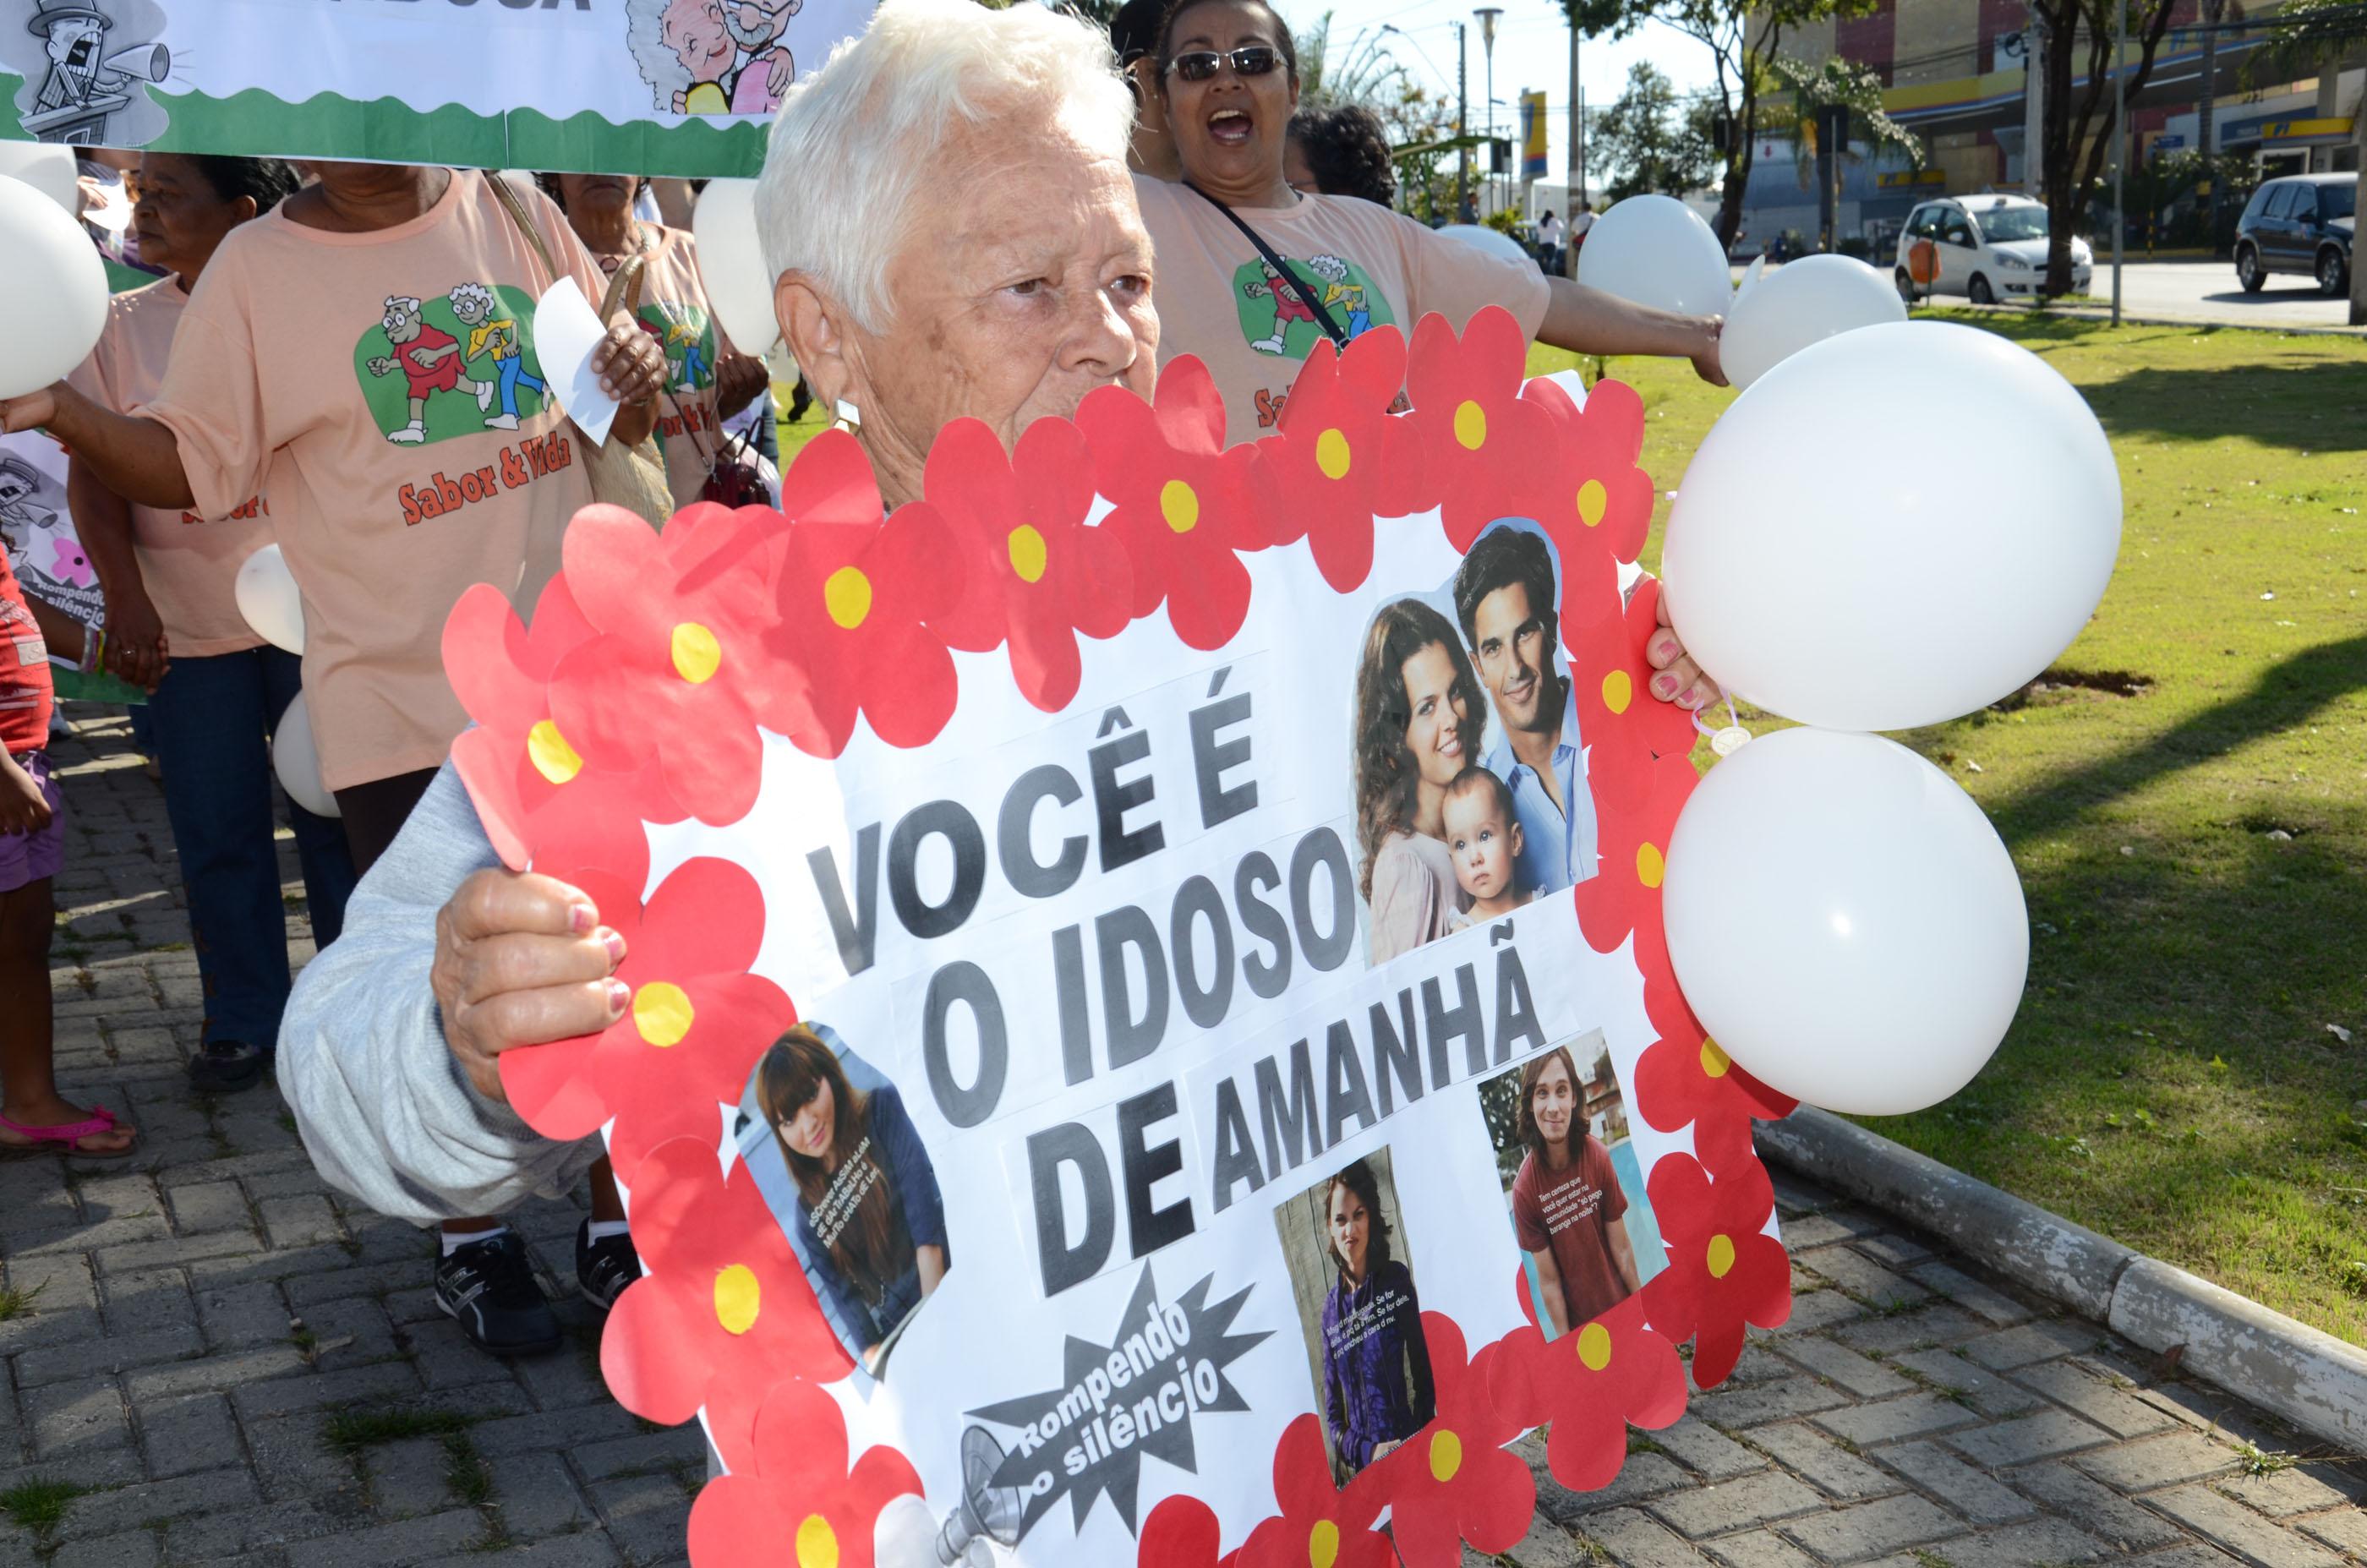 Idosos: Caminhada de conscientização contra a violência acontece nesta sexta (14/6)